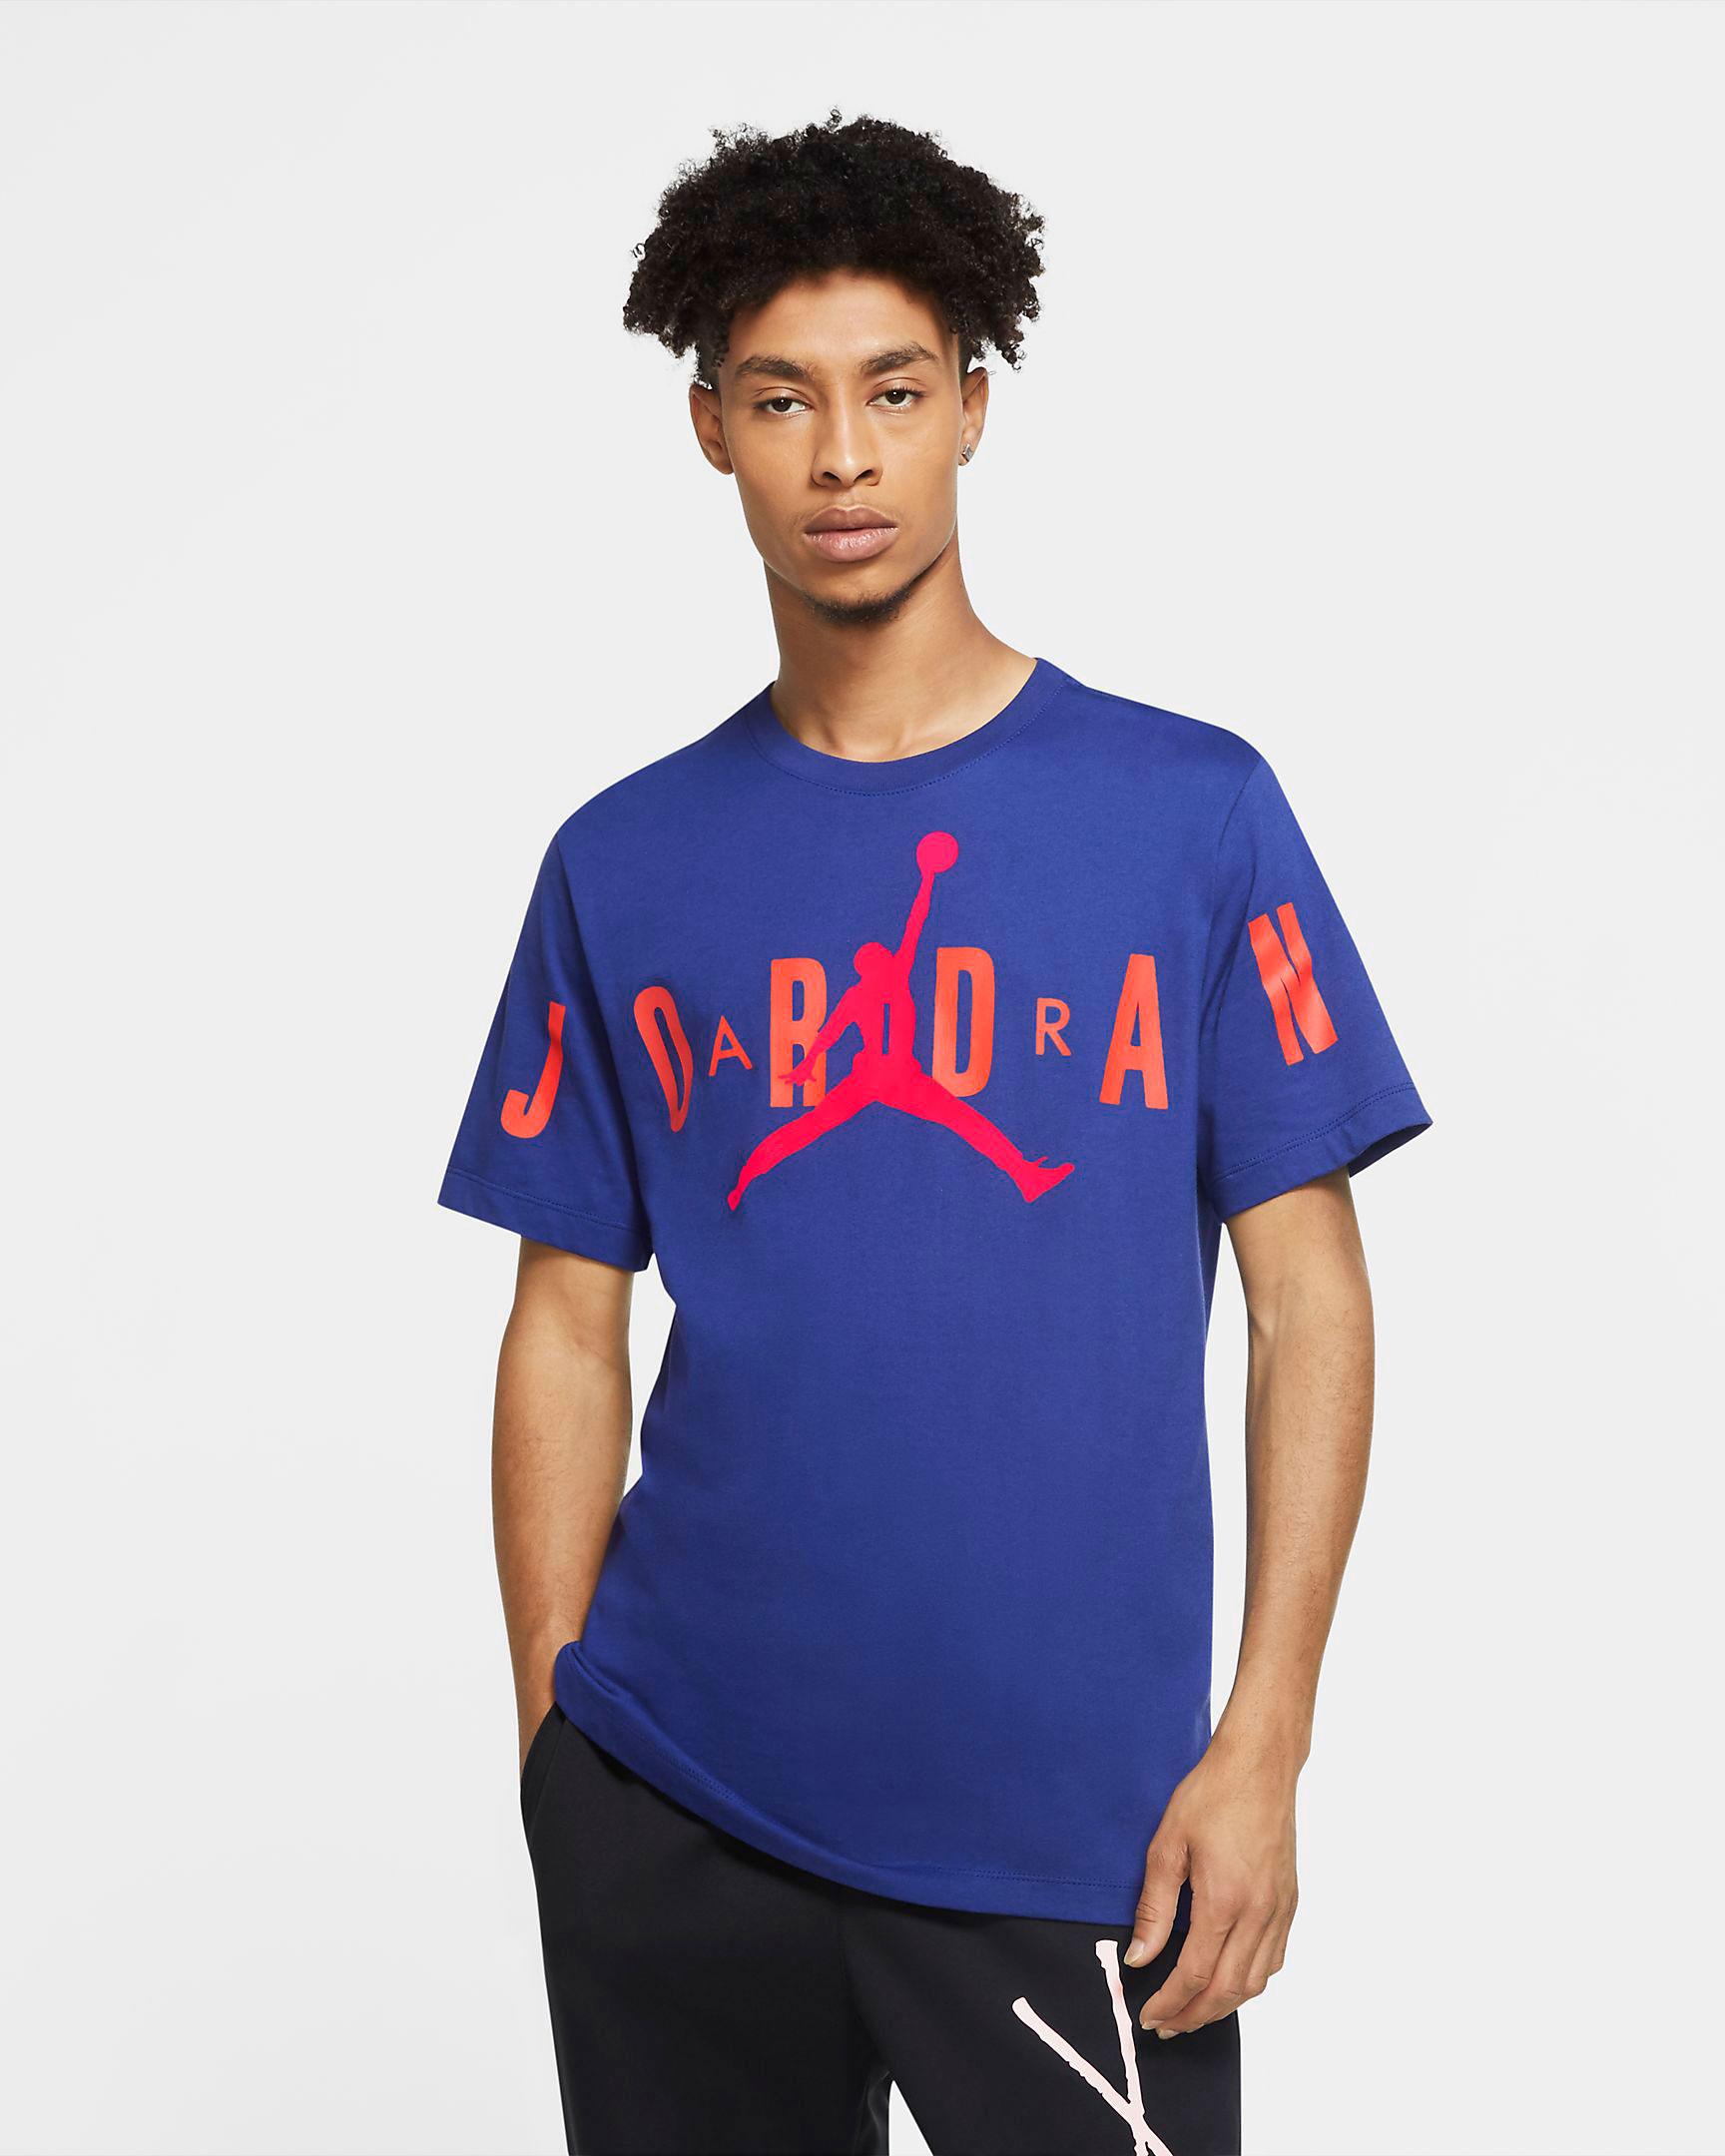 j-balvin-air-jordan-1-t-shirt-match-1